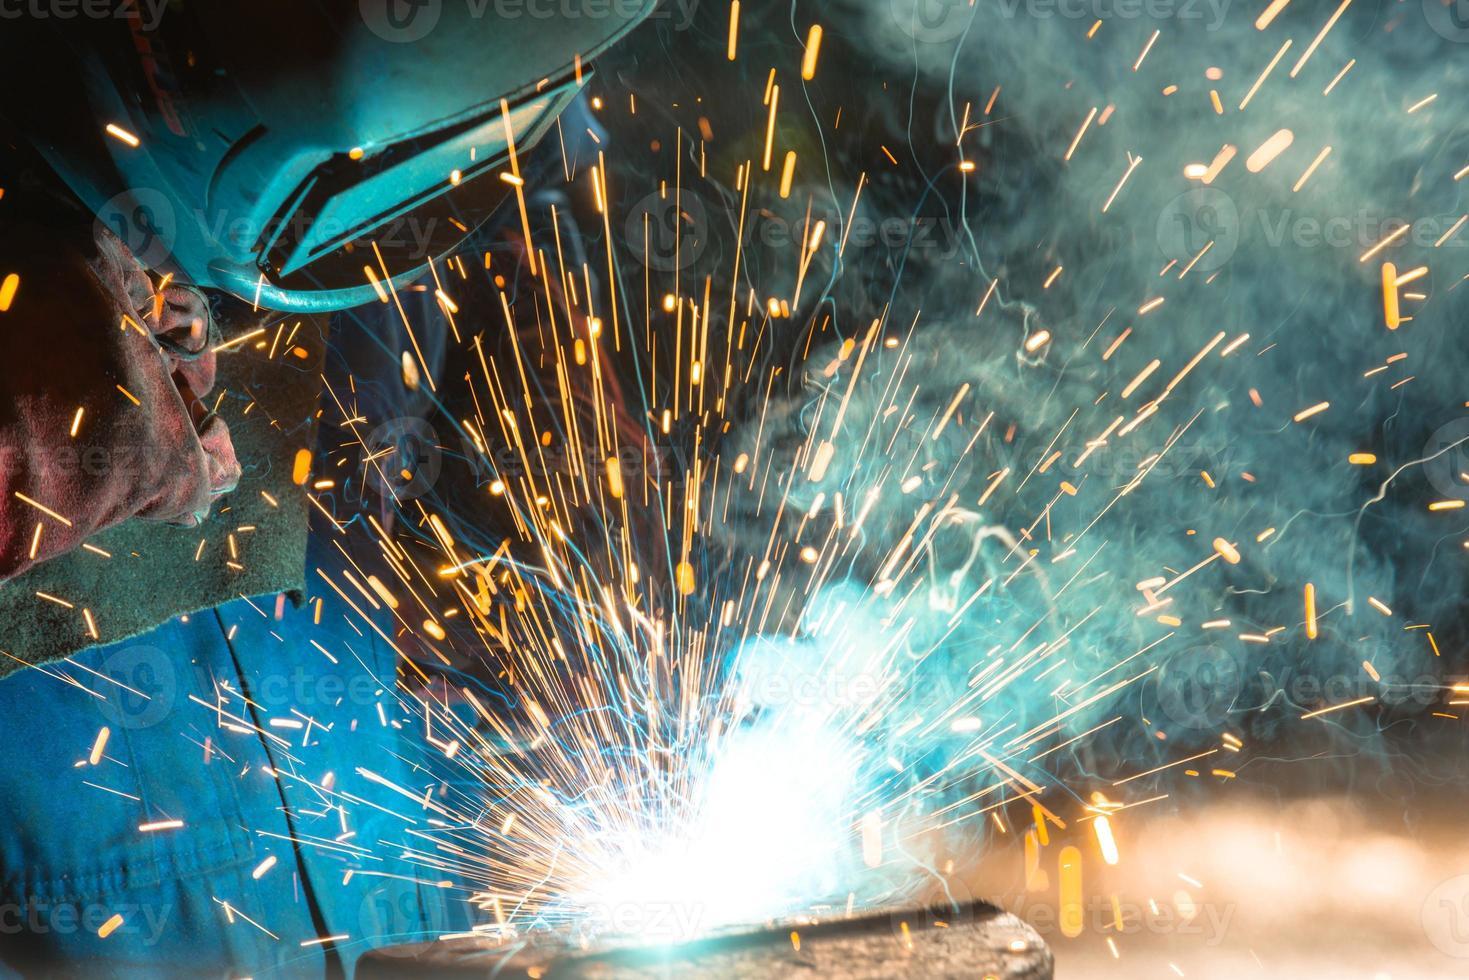 sala di distribuzione di elettricità nell'industria metalmeccanica foto